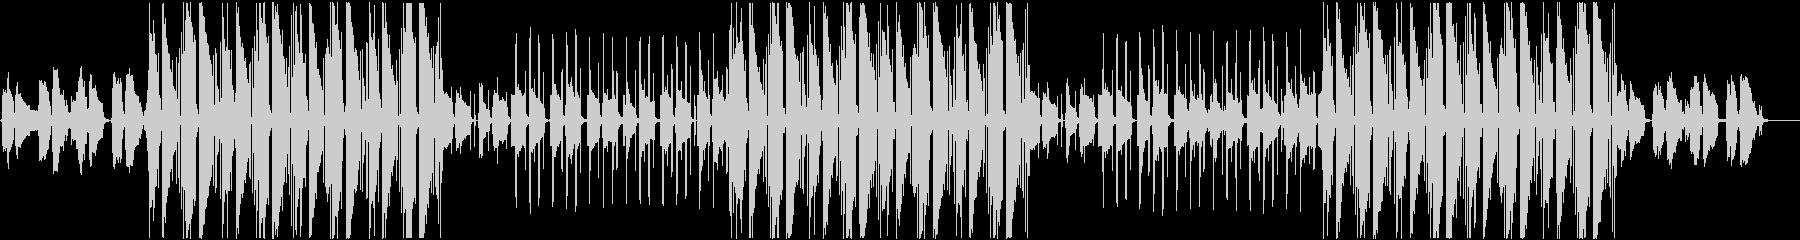 ムーディーな雰囲気のあるBGMの未再生の波形